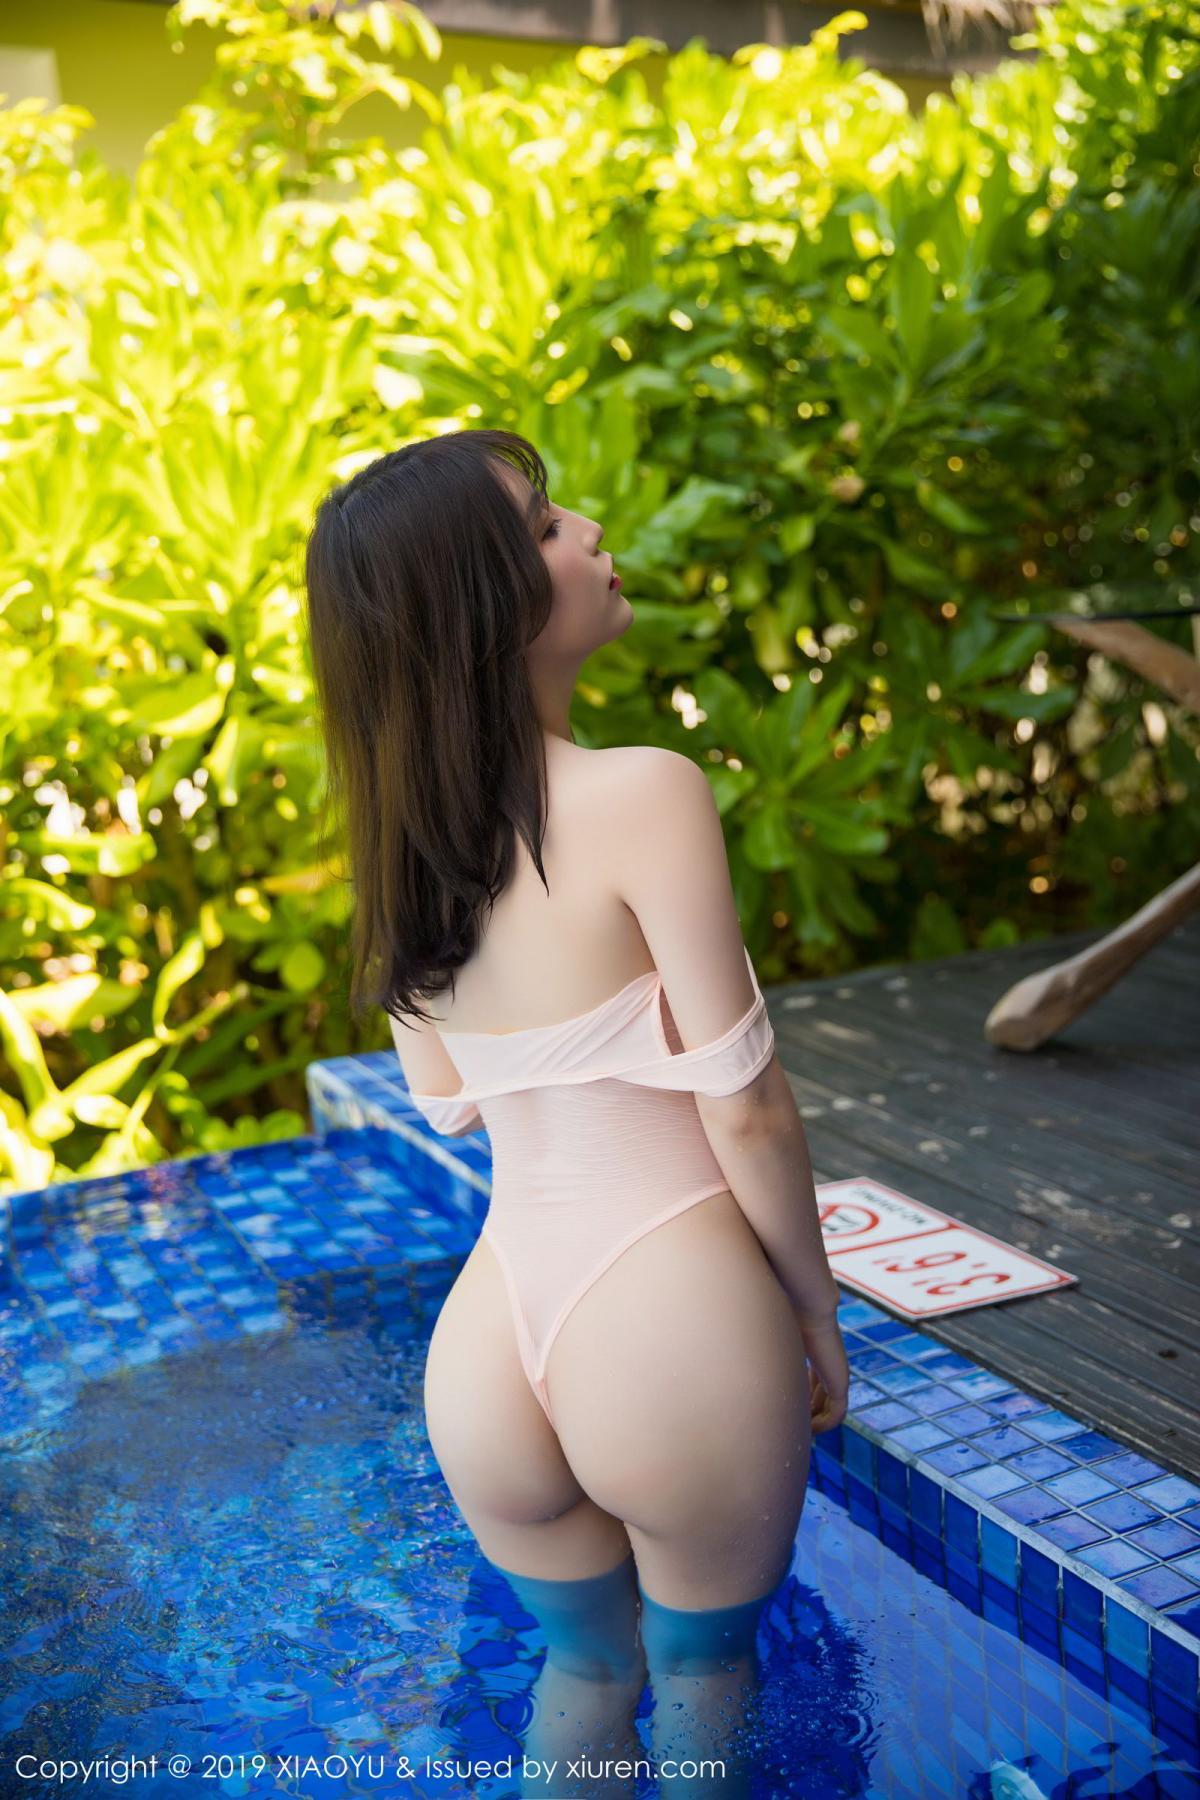 [XiaoYu] Vol.155 Xie Zhi Xin 43P, Bathroom, Big Booty, Wet, XiaoYu, Xie Zhi Xin